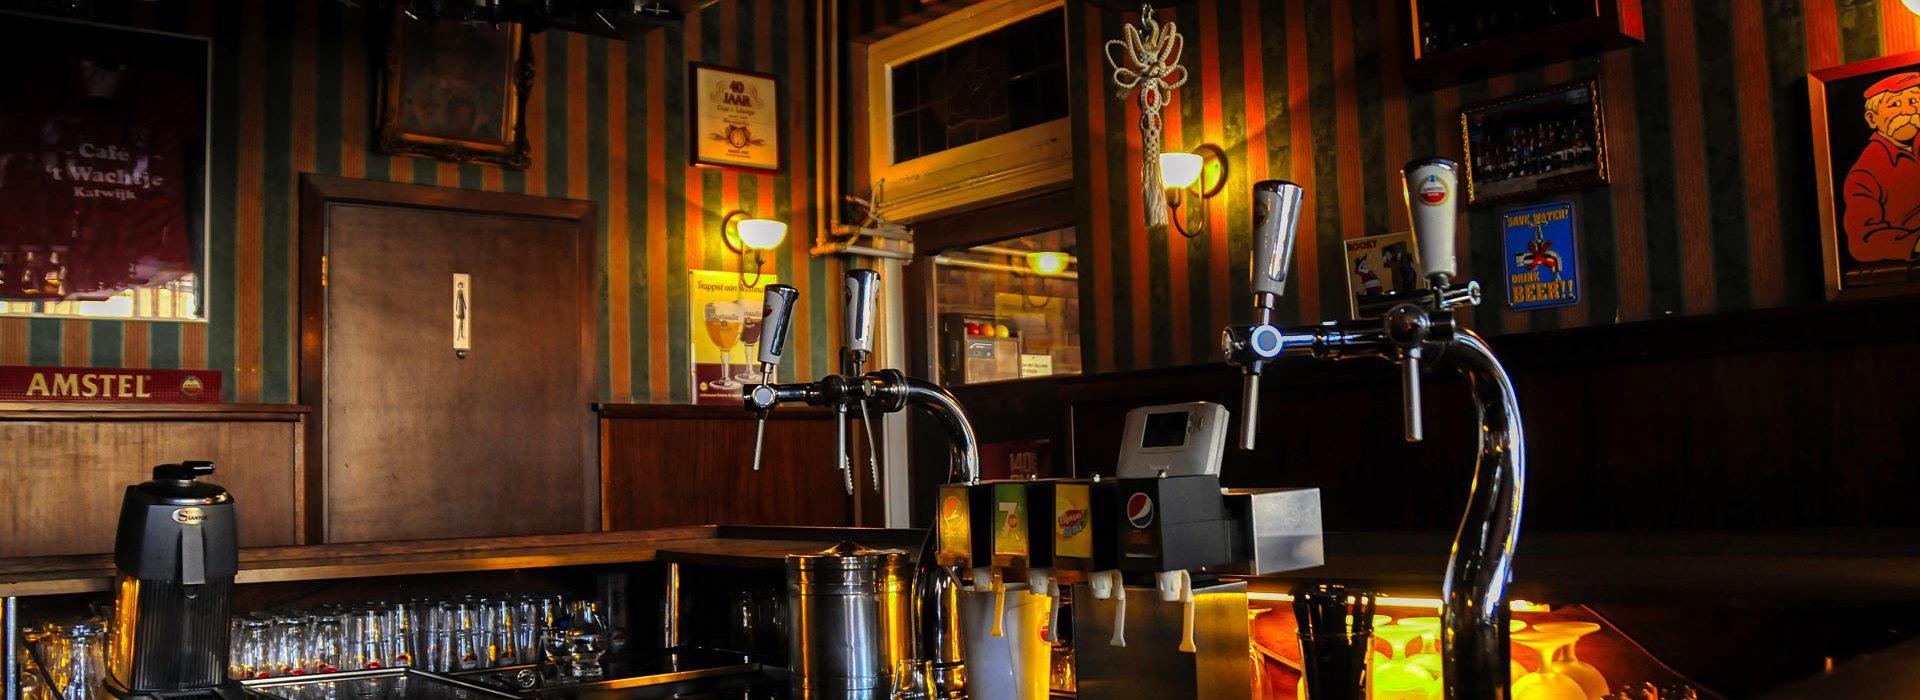 Cafe 't Wachtje Katwijk aan den Rijn